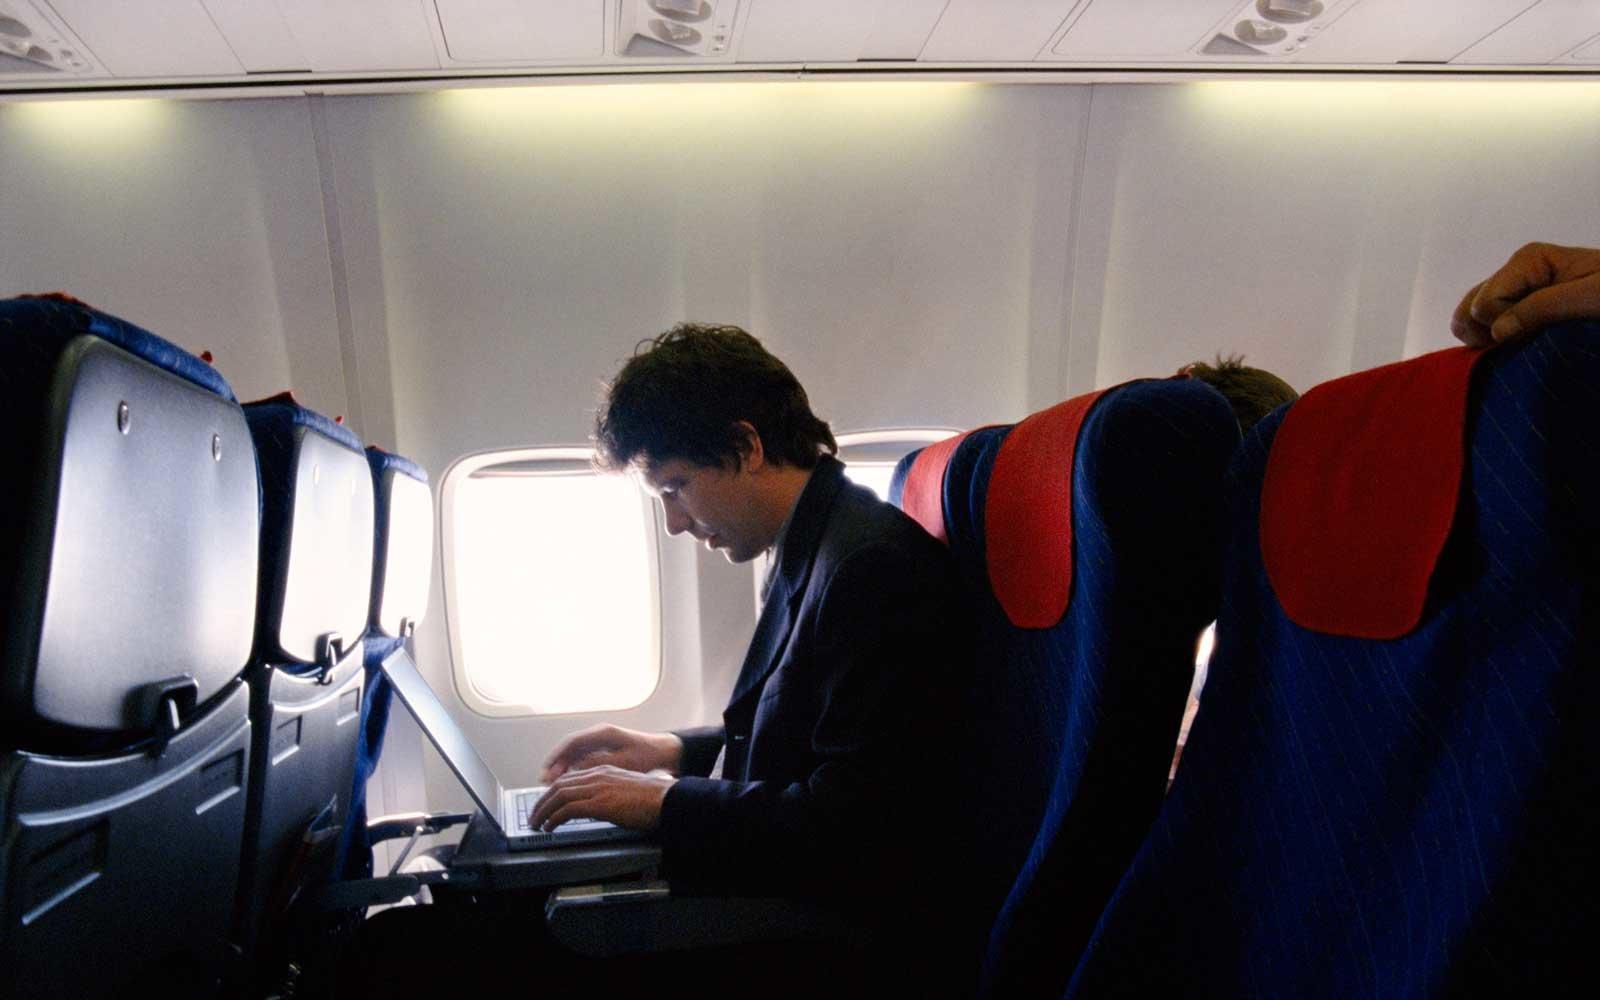 Большинство гаджетов на рейсах из Ближнего Востока и Африки теперь запрещены. Фото: travelandleisure.com